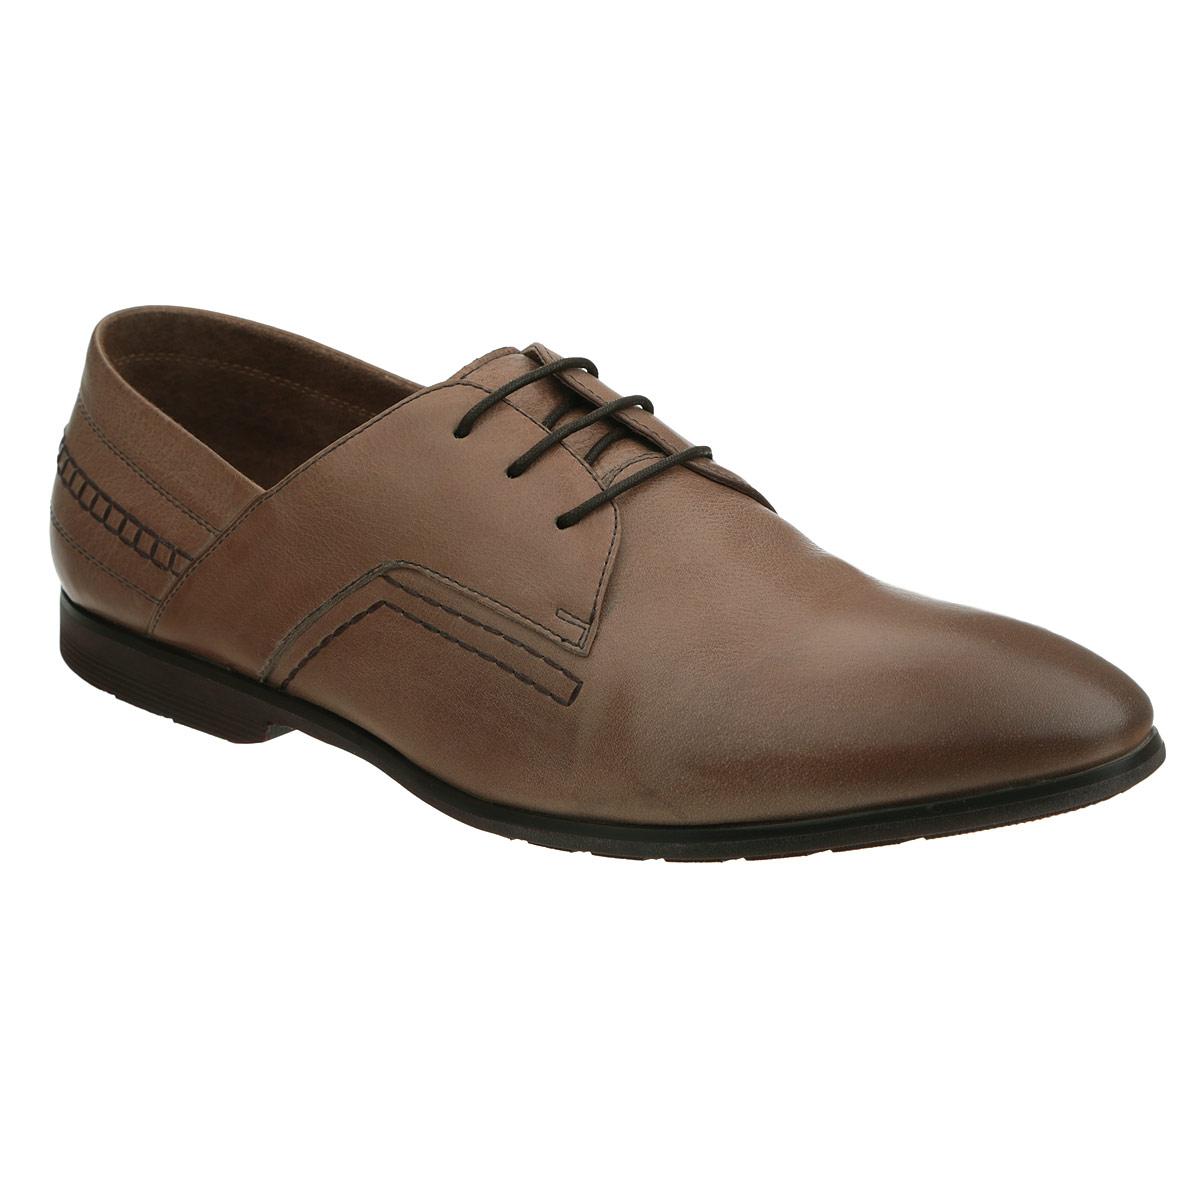 Туфли мужские. 106-87106-87-51Элегантные мужские туфли от Dino Ricci займут достойное место среди вашей коллекции обуви. Модель выполнена из натуральной высококачественной кожи и оформлена декоративной прострочкой. Шнуровка позволяет прочно зафиксировать модель на ноге. Стелька из натуральной кожи оснащена перфорацией, позволяющей вашим ногам дышать. Каблук и подошва с рифлением обеспечивают отличное сцепление с поверхностью. Стильные туфли прекрасно дополнят ваш деловой образ.